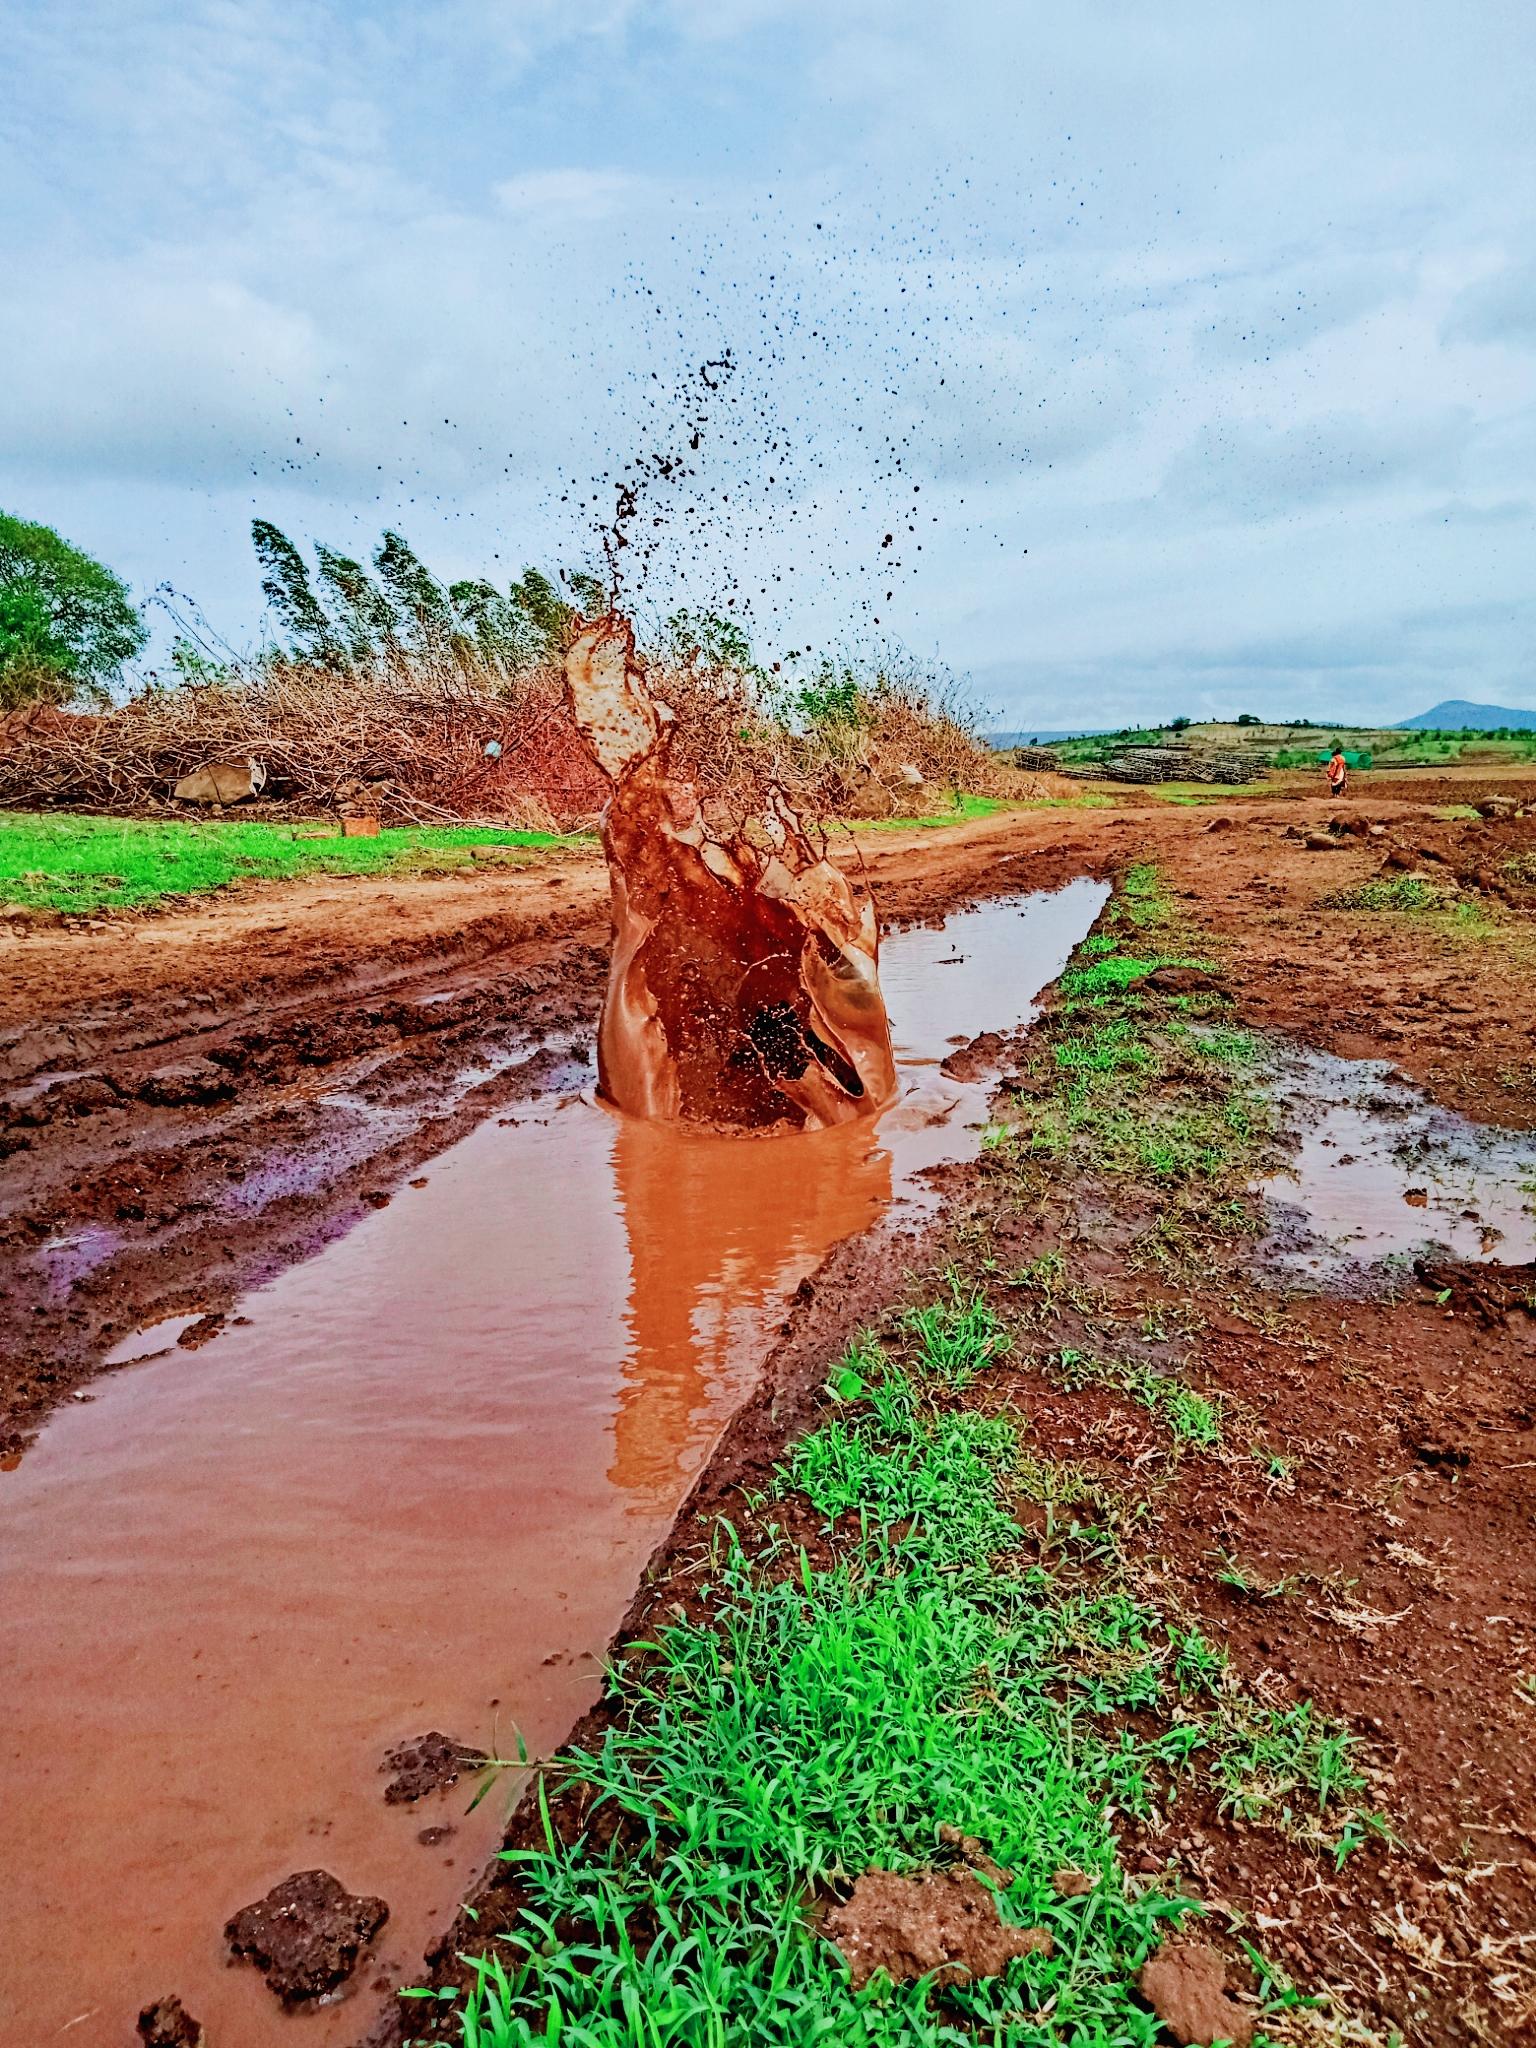 Muddy water splash